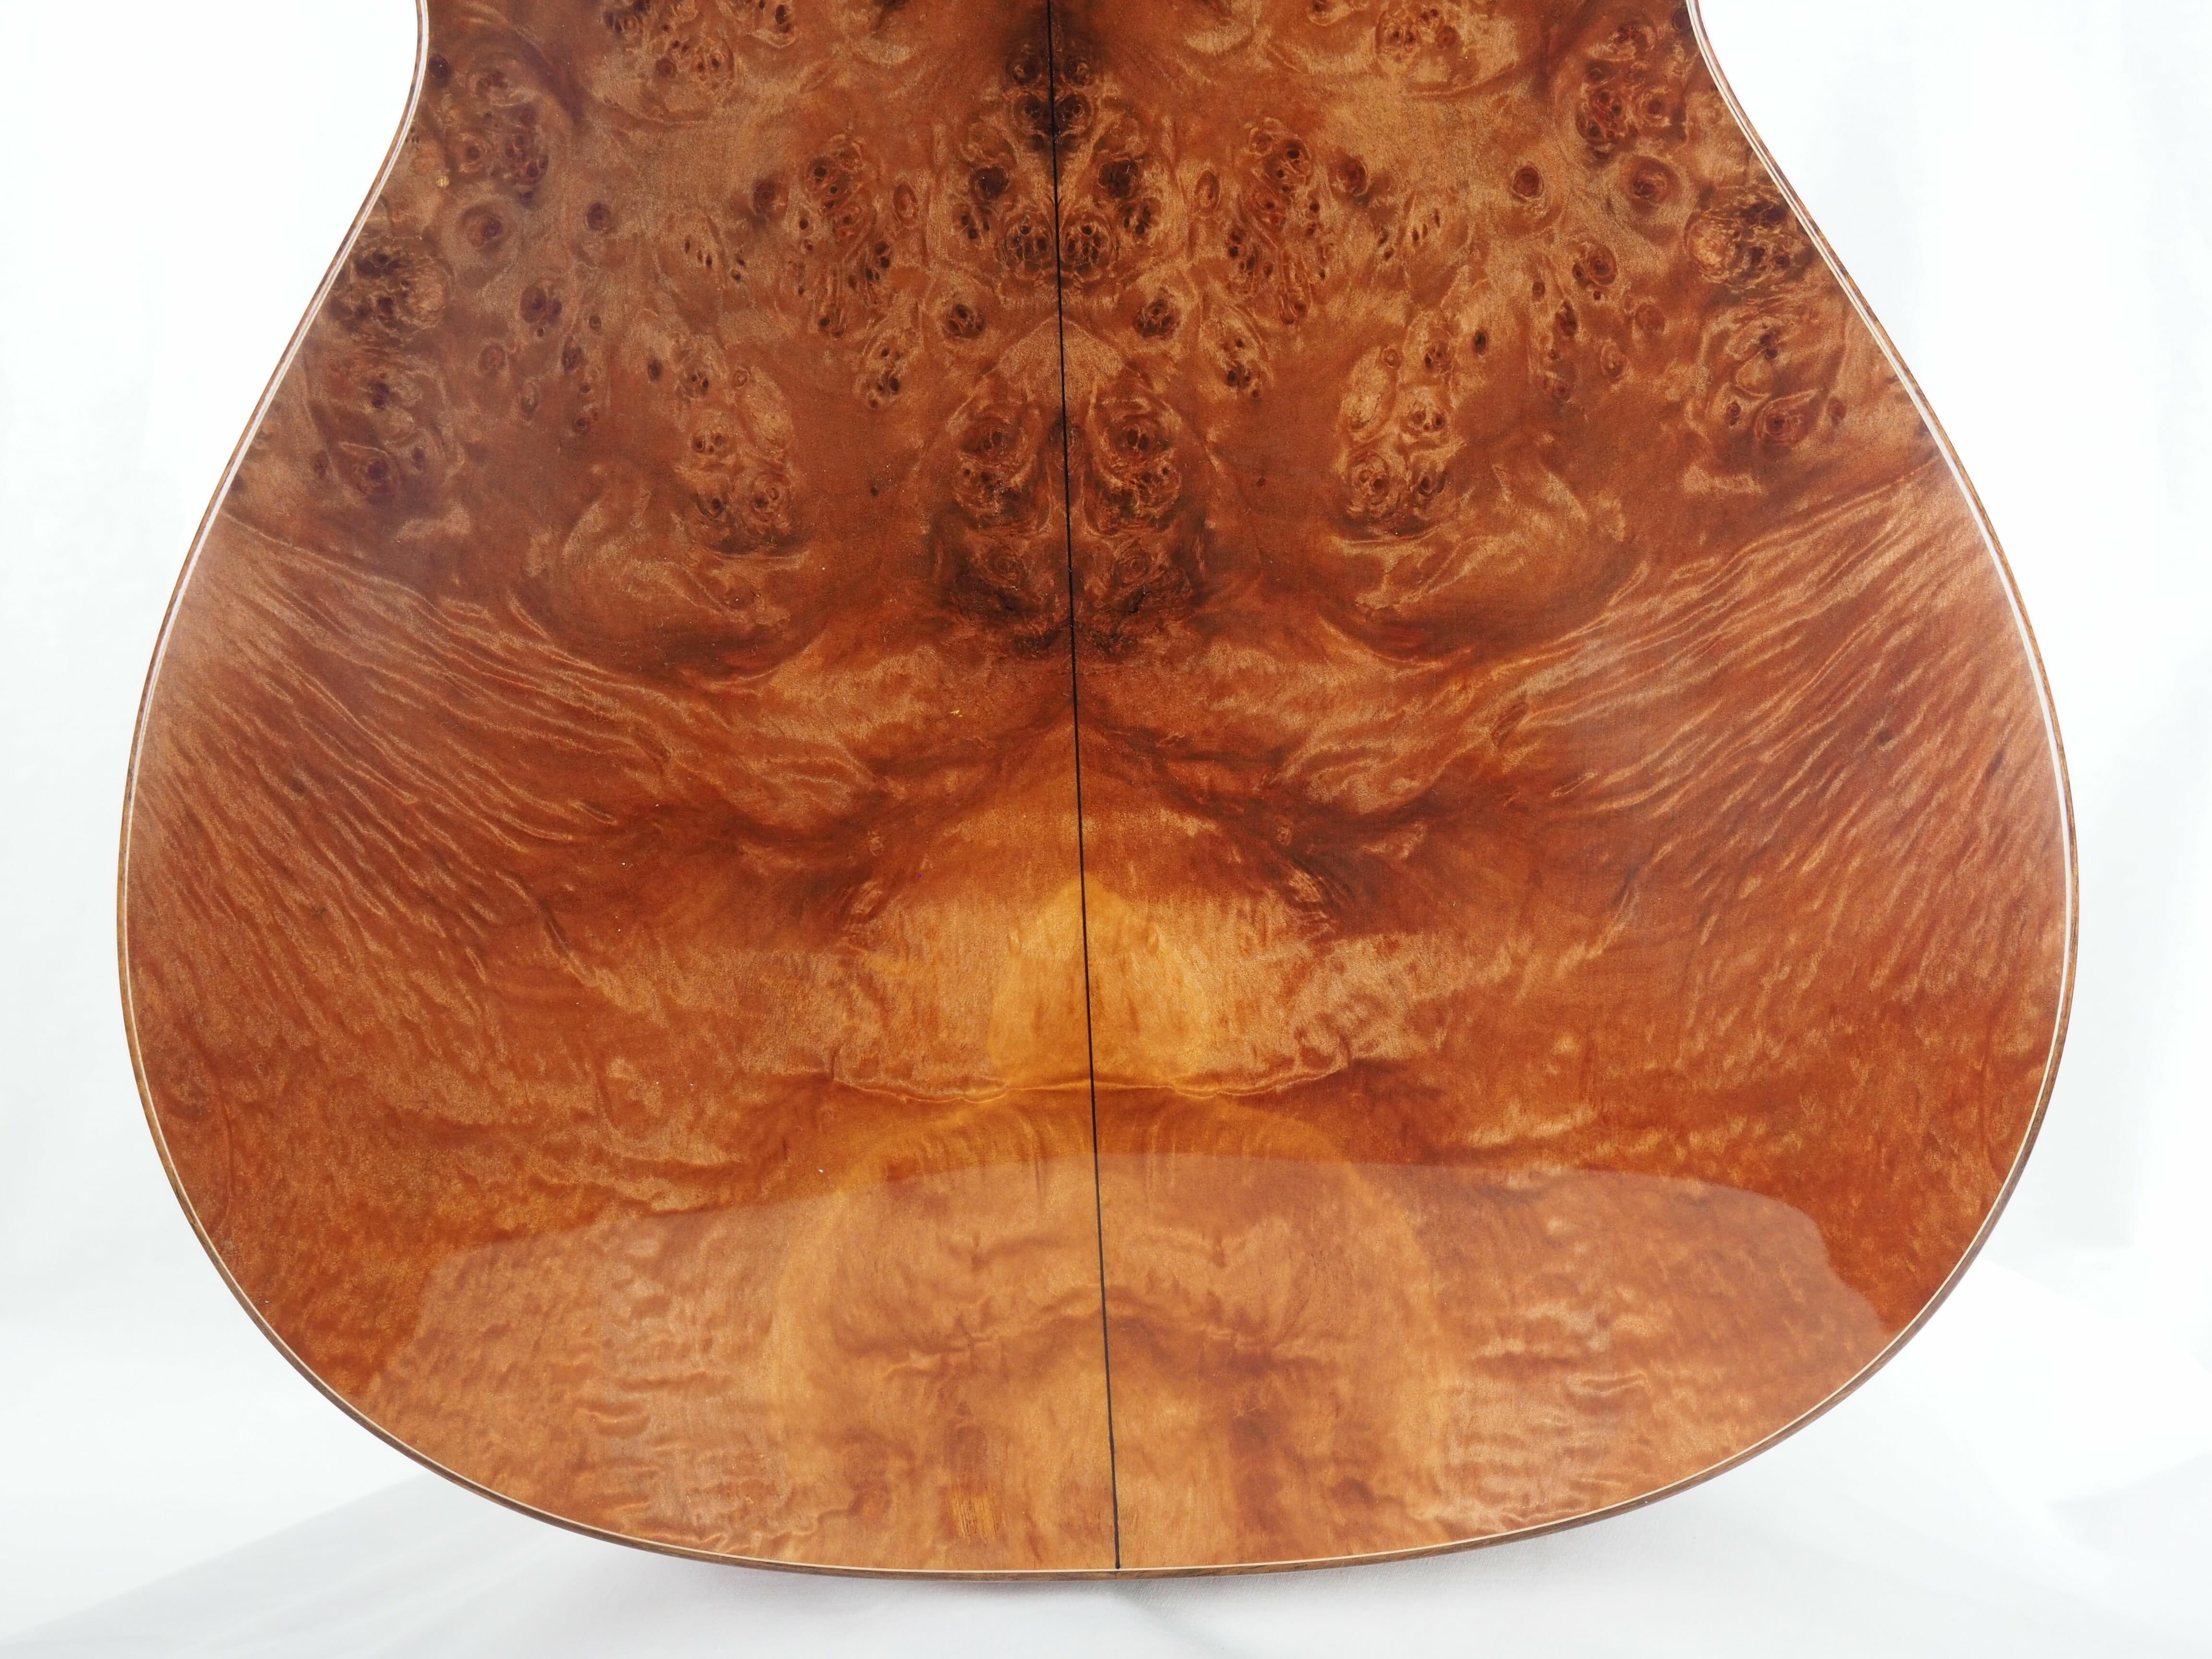 Luthier John Price v